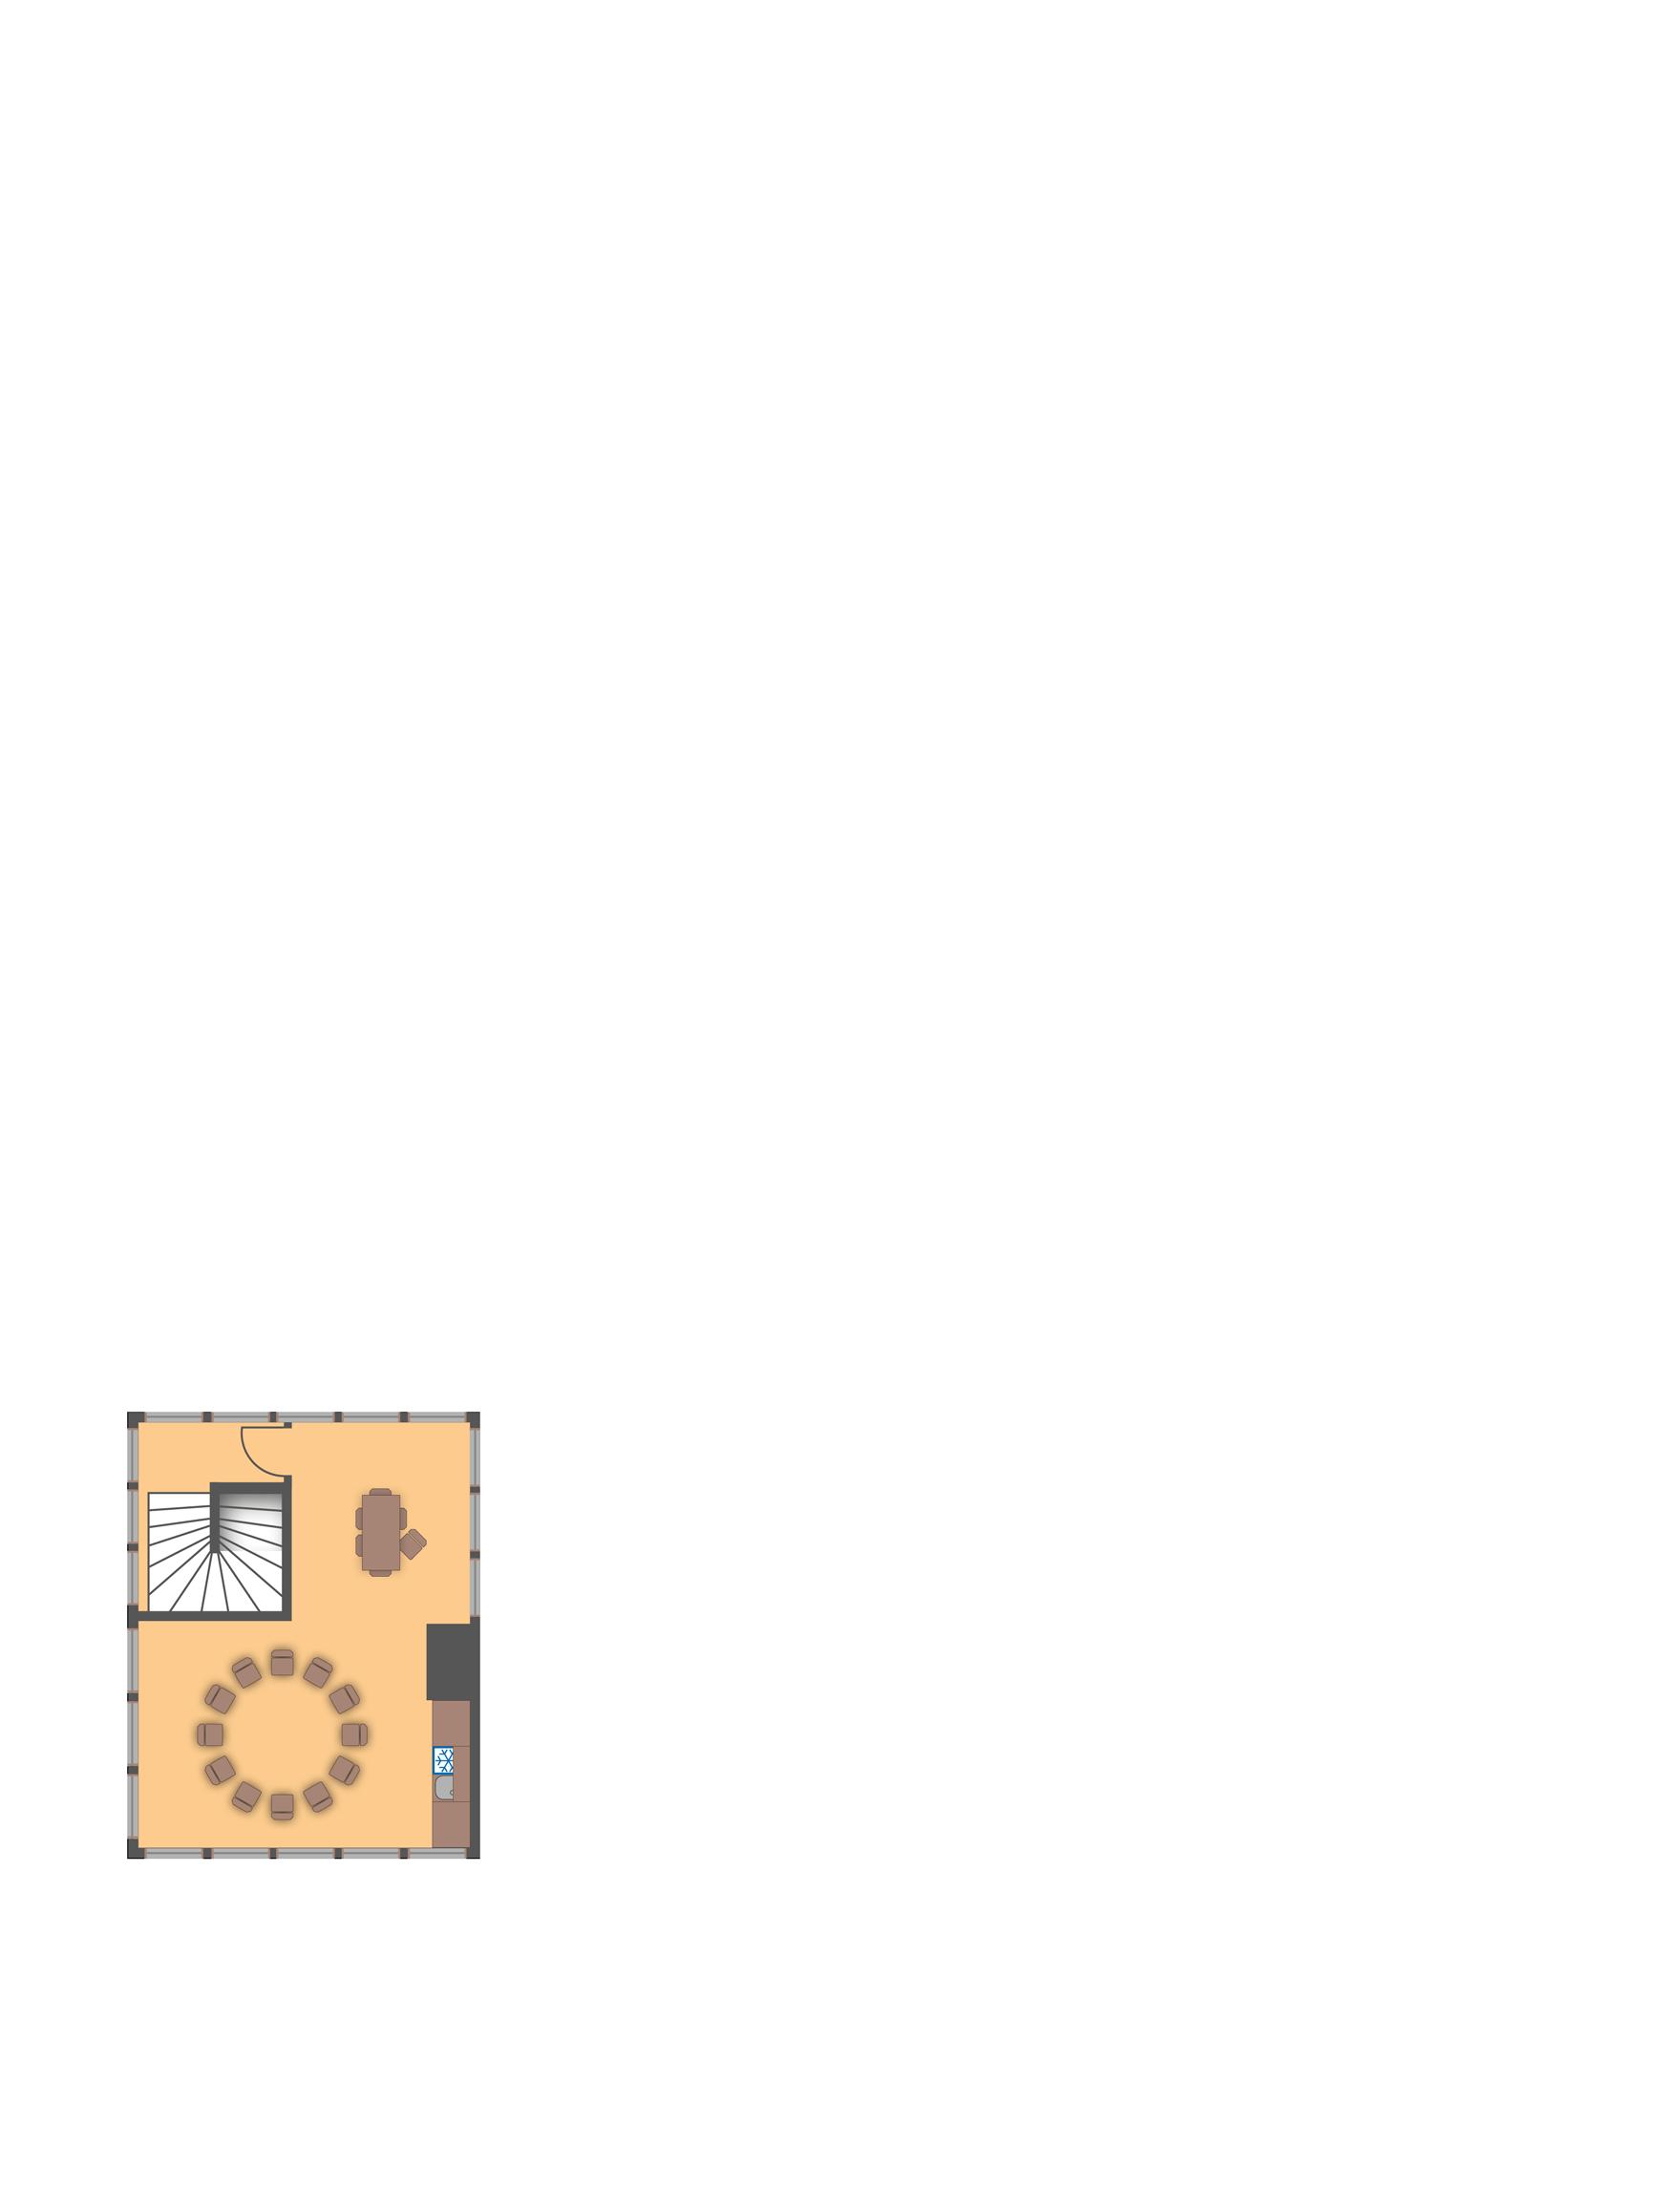 Das 2. Obergeschoss